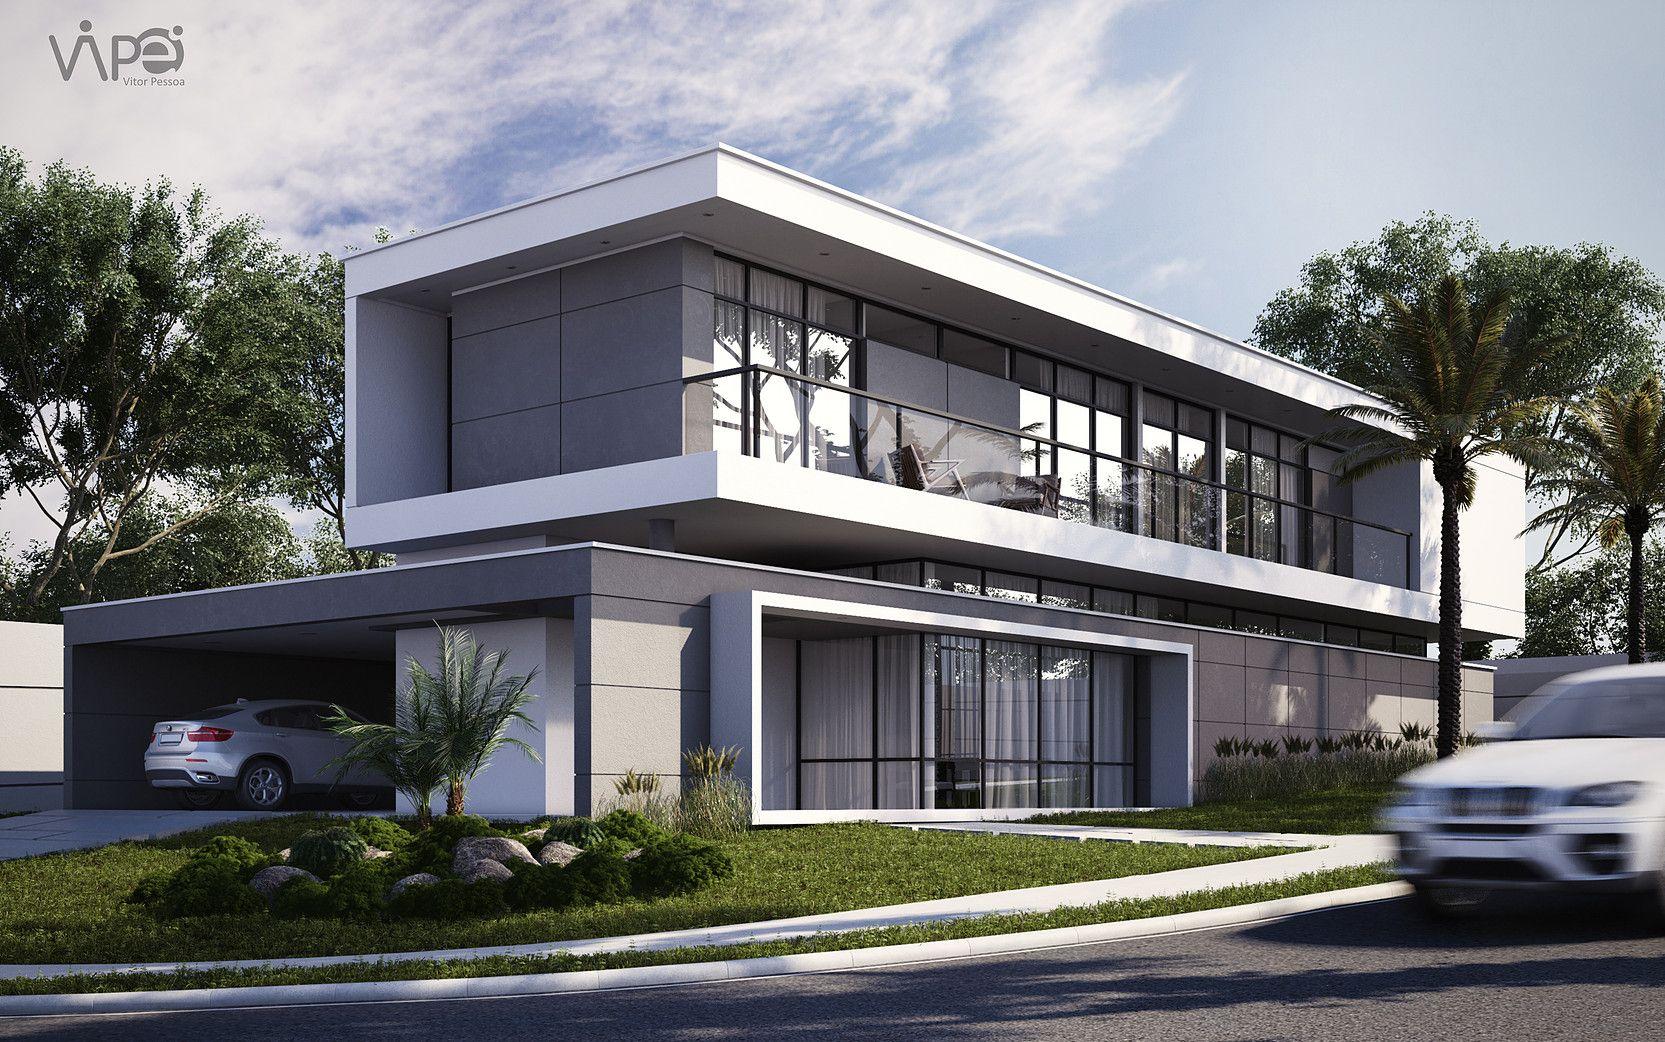 Vipe residencia lc modern casas modernas casas modulares a casas prefabricadas - Archi moderni casa ...